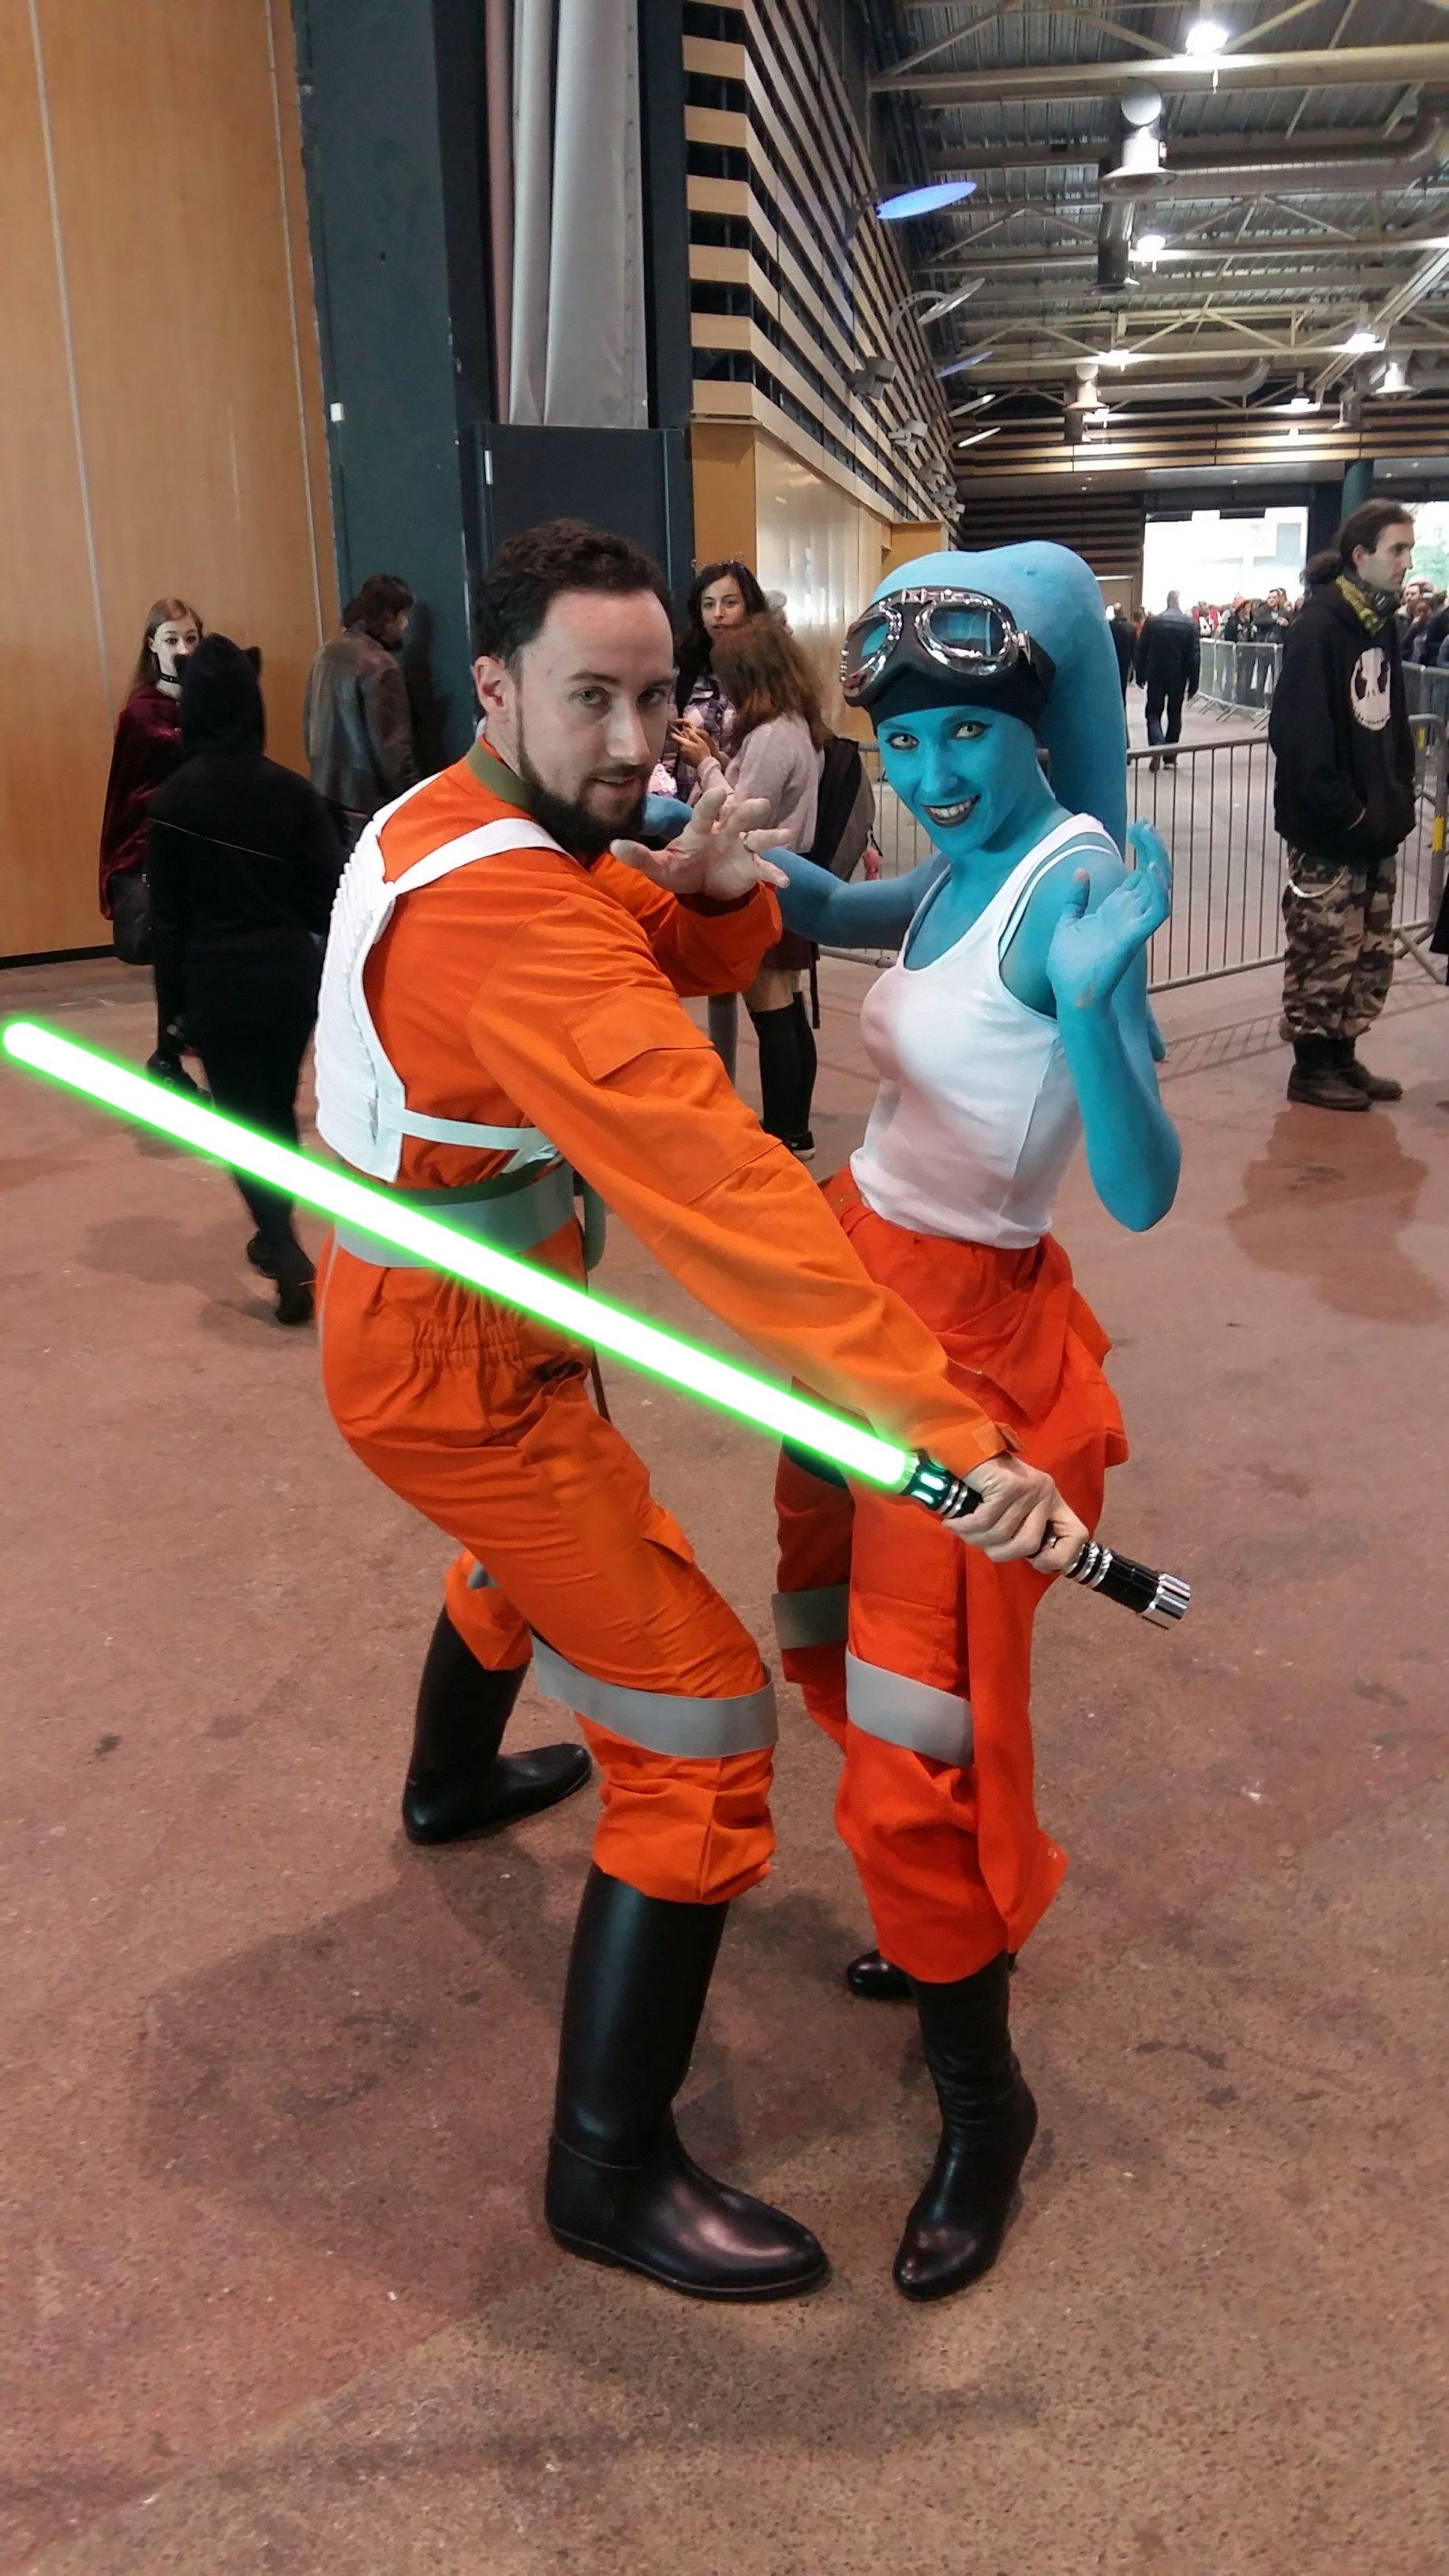 Cosplay twi'lek star wars x-wing